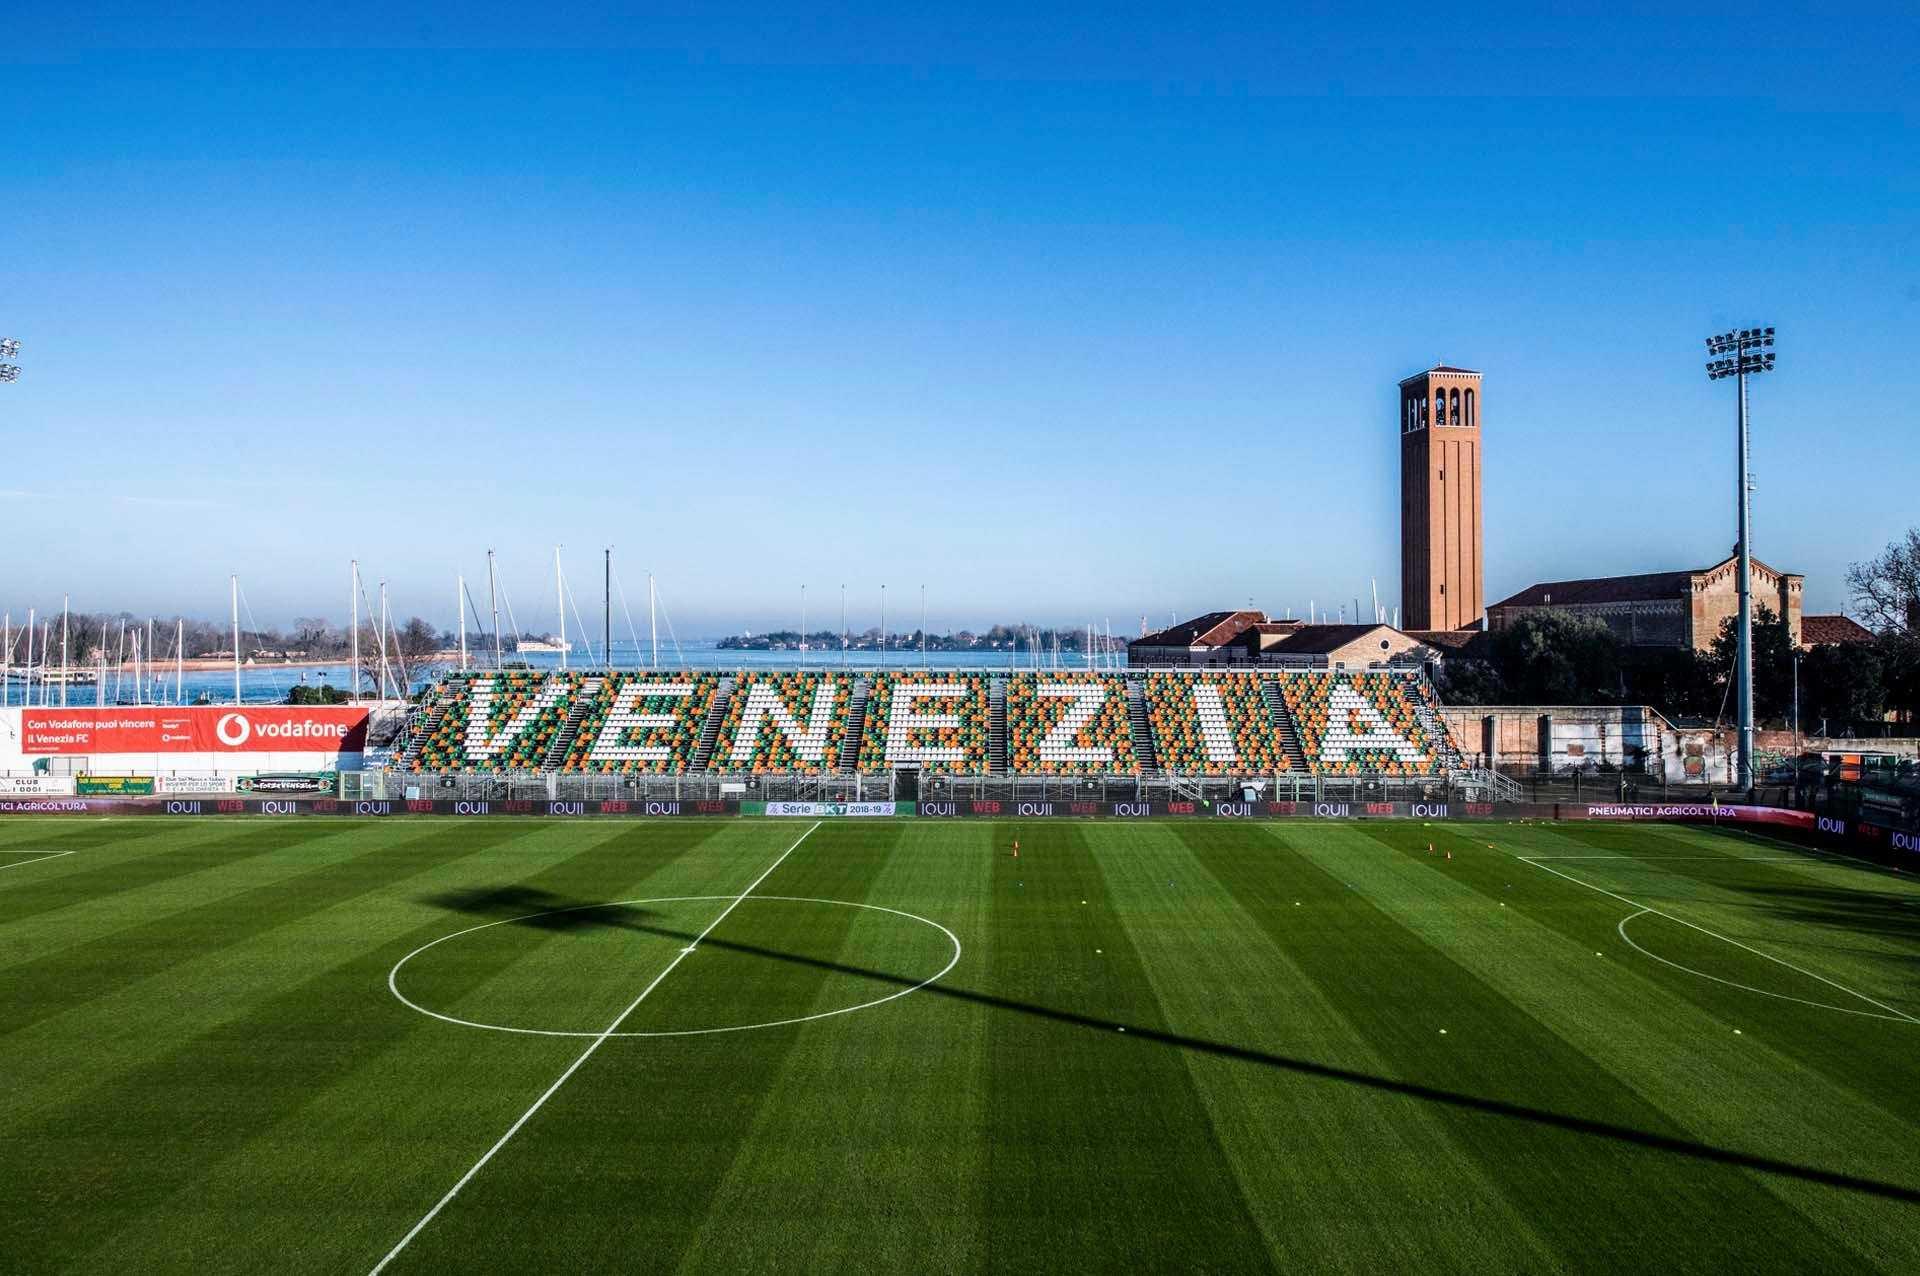 Serie B, Venezia-Cittadella, DIRETTA LIVE (1-1): i lagunari tornano in Serie A